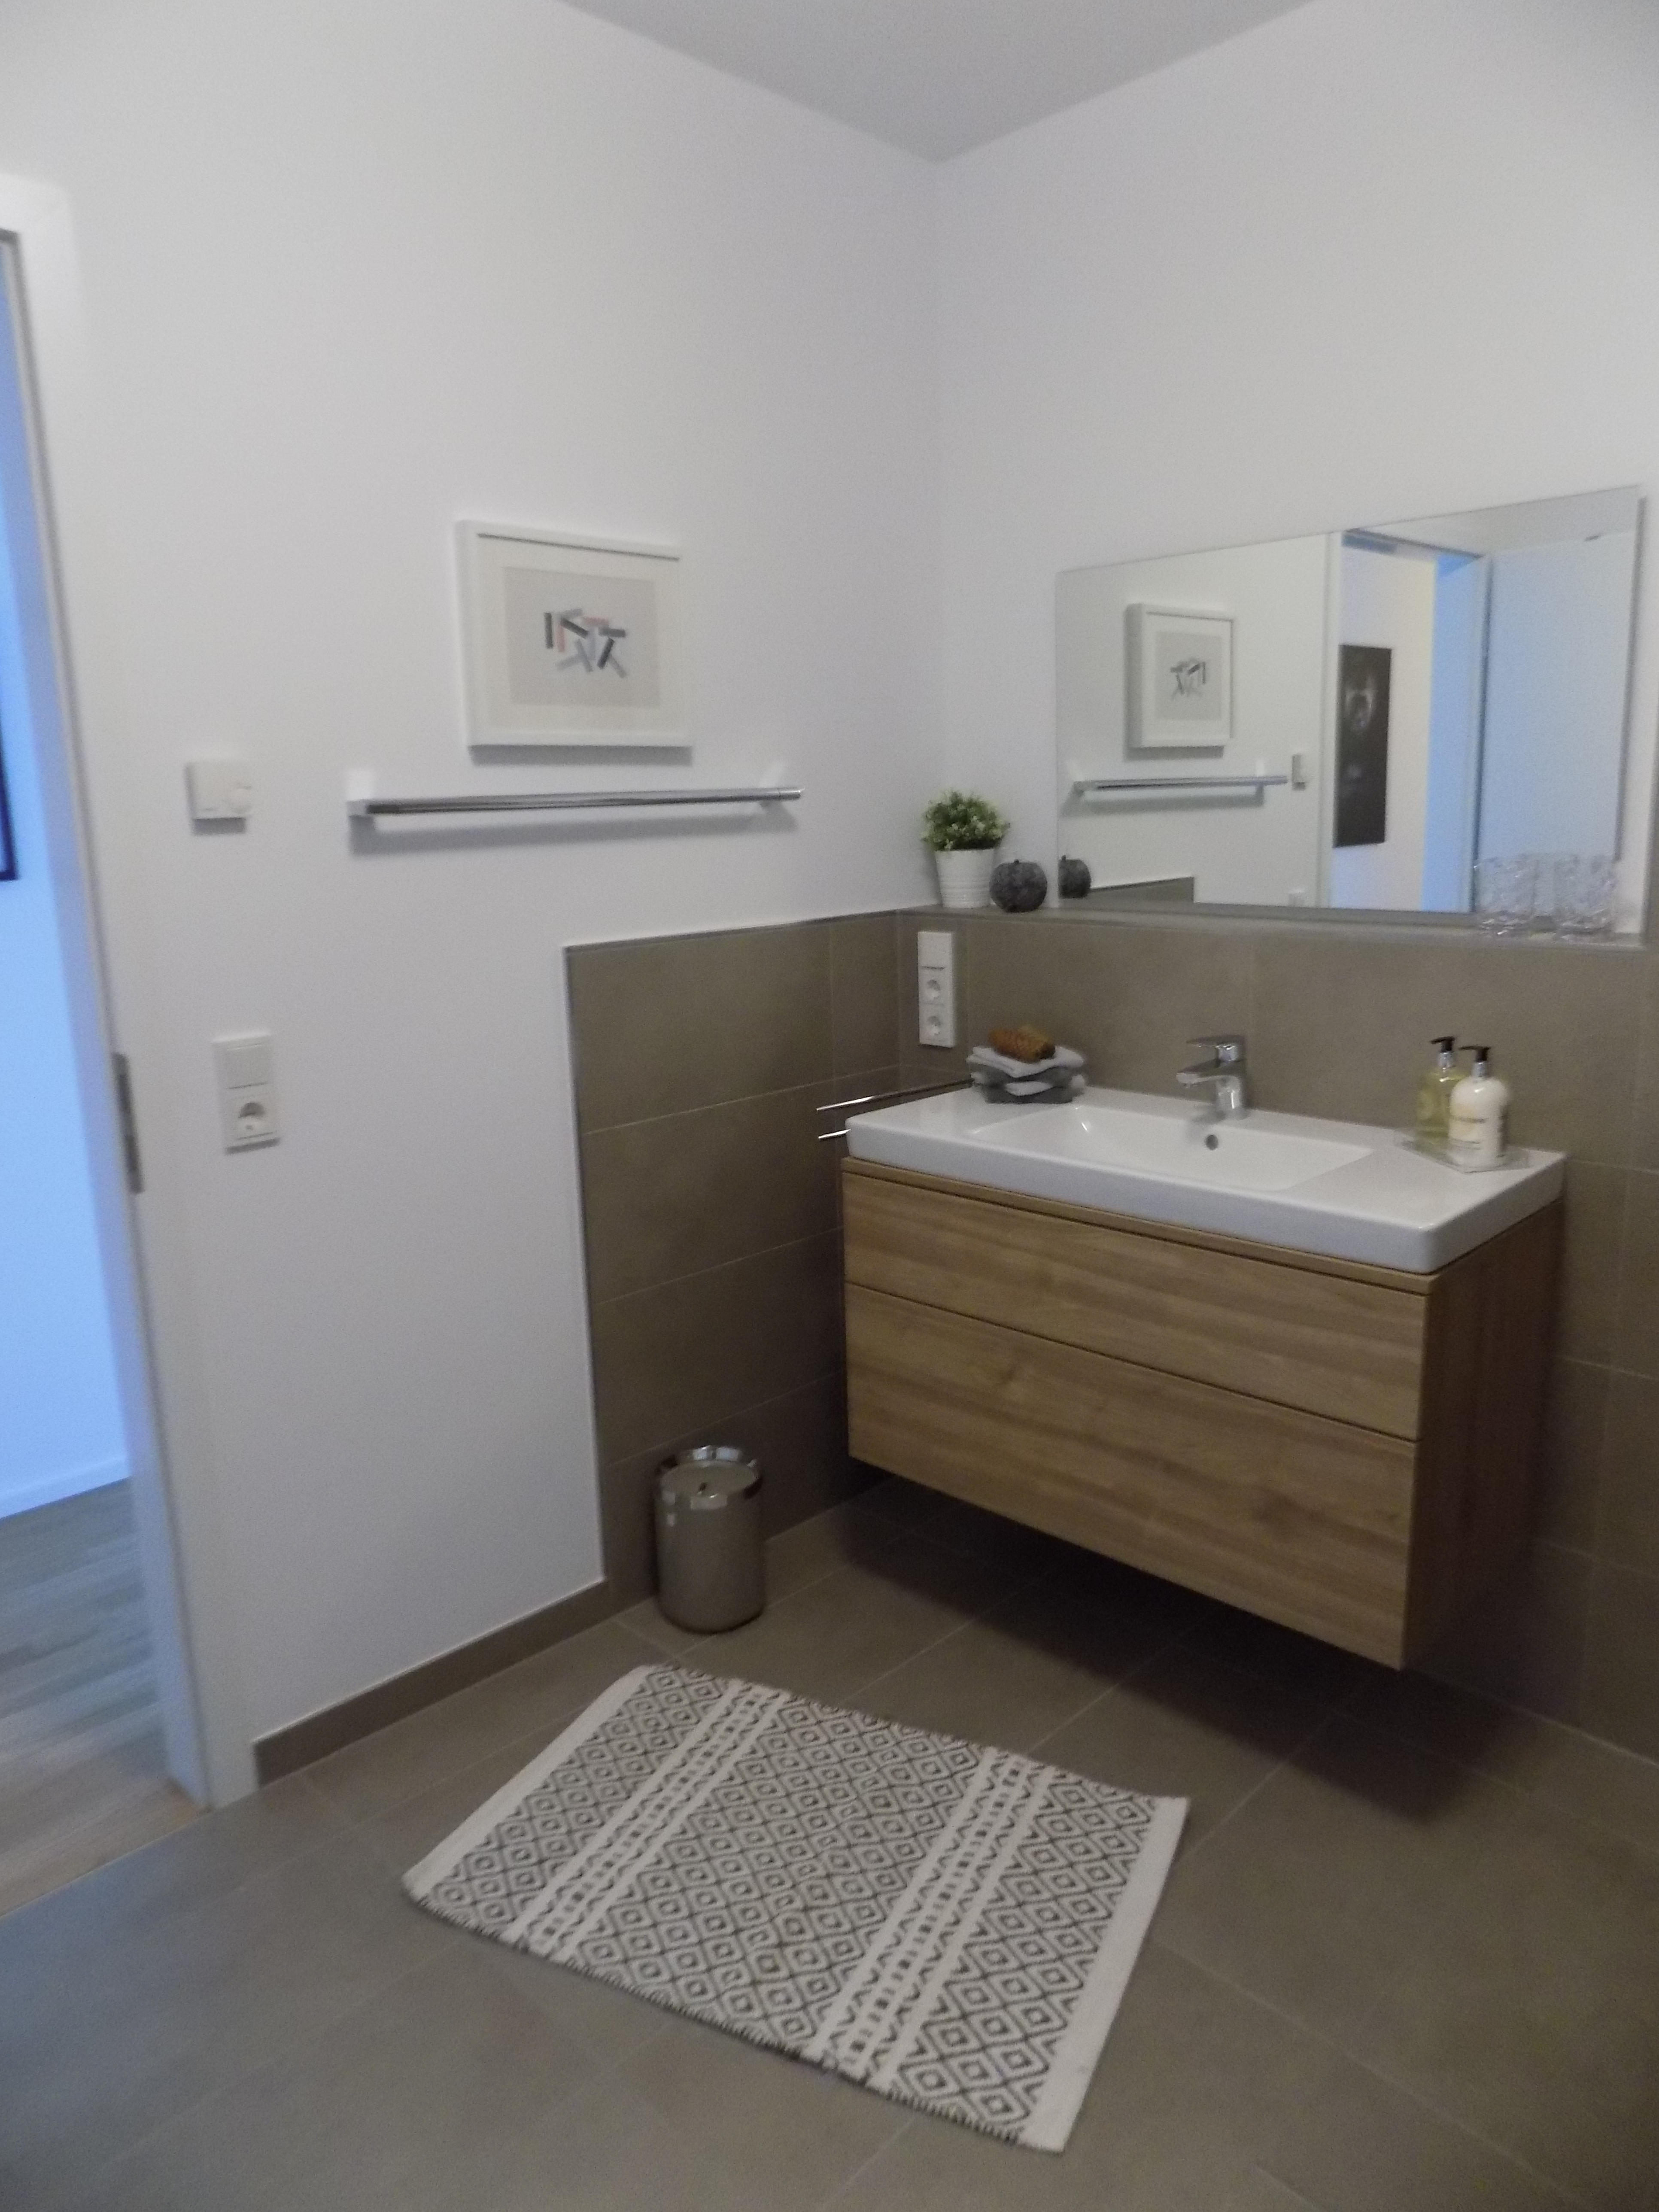 2 Schlafzimmer 1 Wohn  / Esszimmer Mit Offener Küche 1 Bad Mit Ebenerdiger  Dusche 1 Gäste WC 1 Abstellraum 1 Terrasse